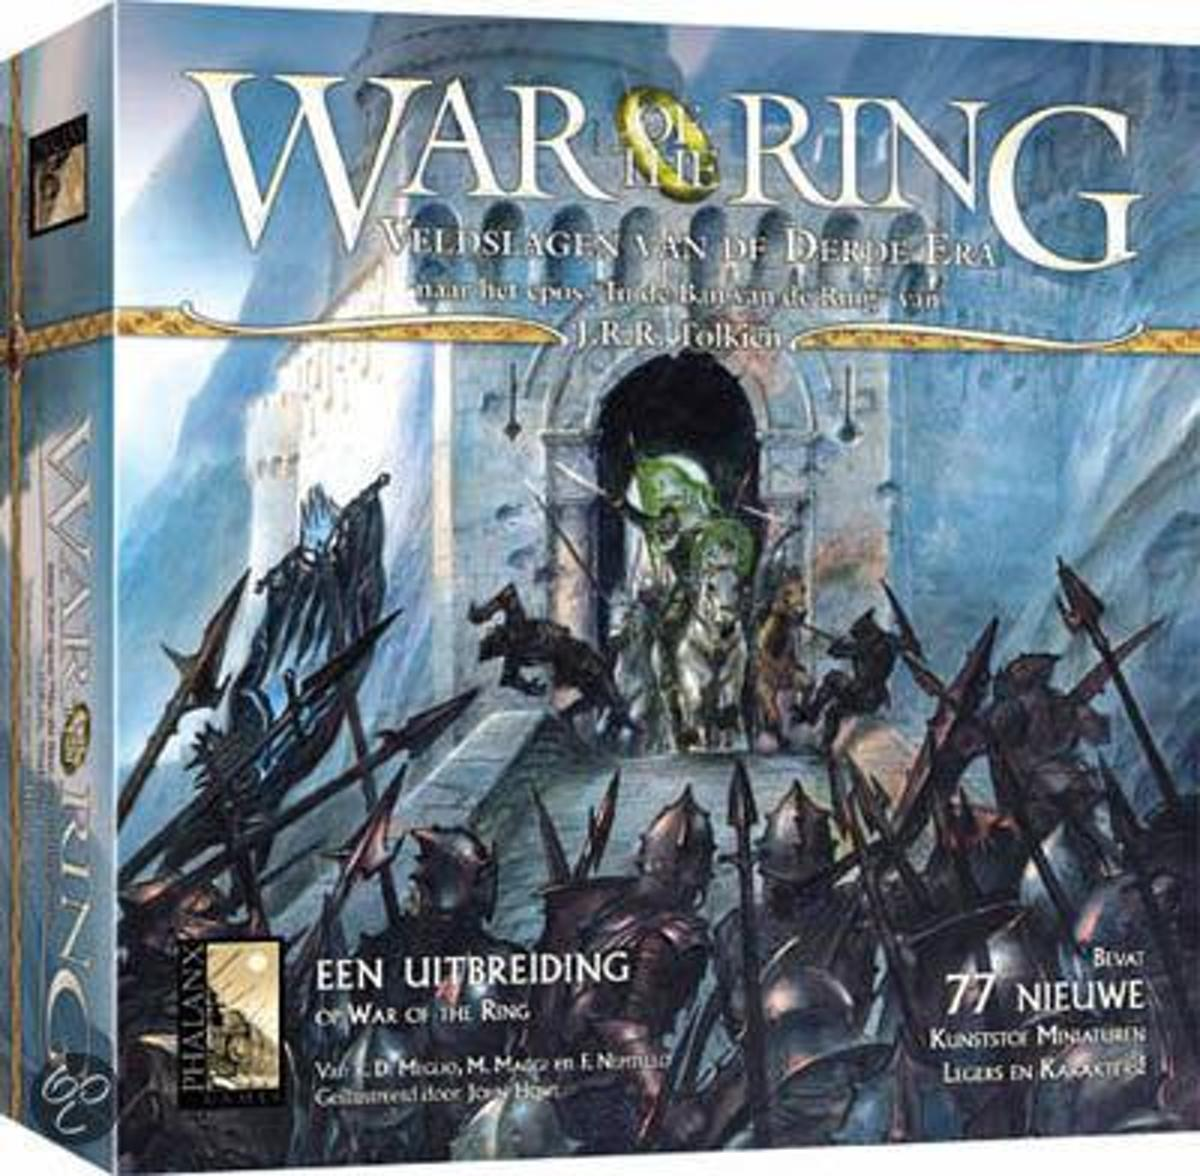 War of the Ring  uitbreiding: Veldslagen van de Derde Era